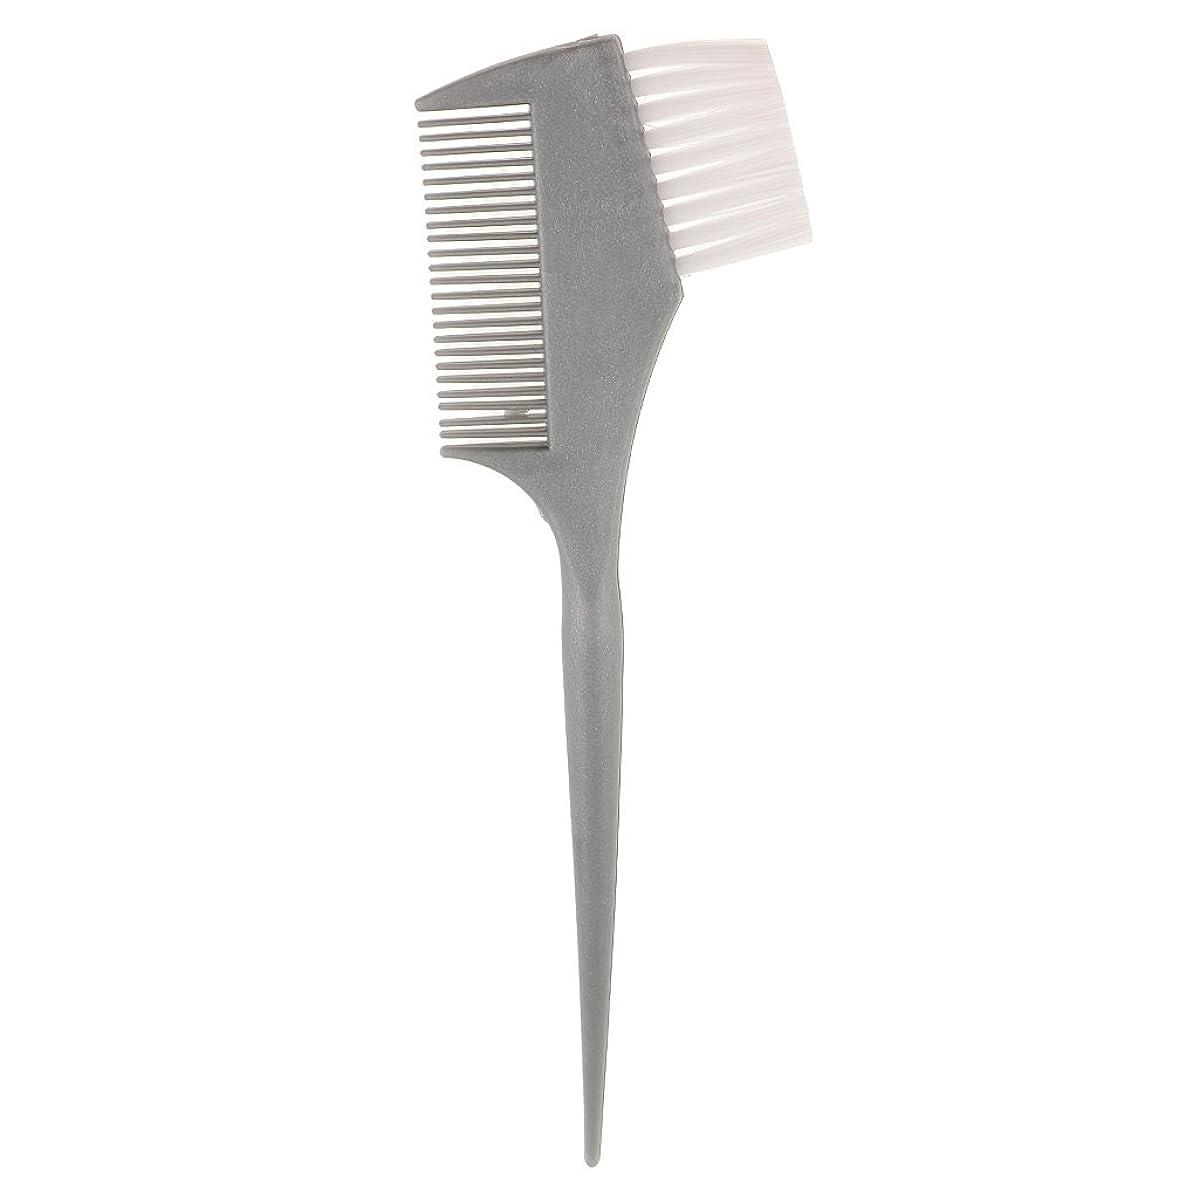 フォージ科学的計画的Perfeclan 染料ヘアコーム プラスチック サロン ヘアカラー カラー ダブルサイド 波型 ナイロン カーリーヘアブラシ 弾性